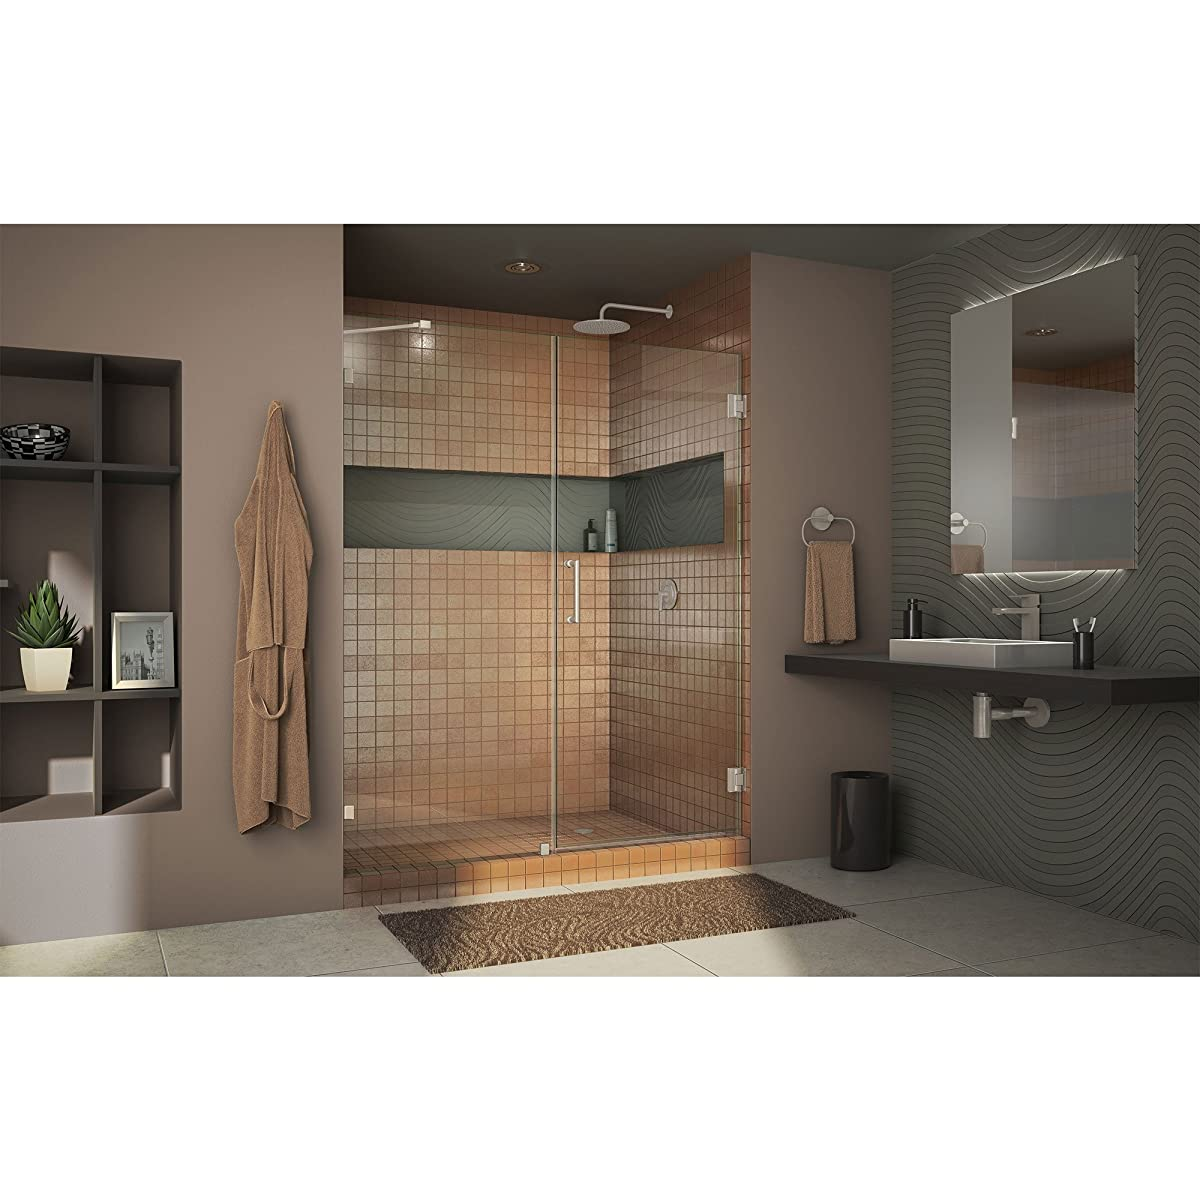 """DreamLine Unidoor Lux 60 in. Width, Frameless Hinged Shower Door, 3/8"""" Glass, Brushed Nickel Finish"""